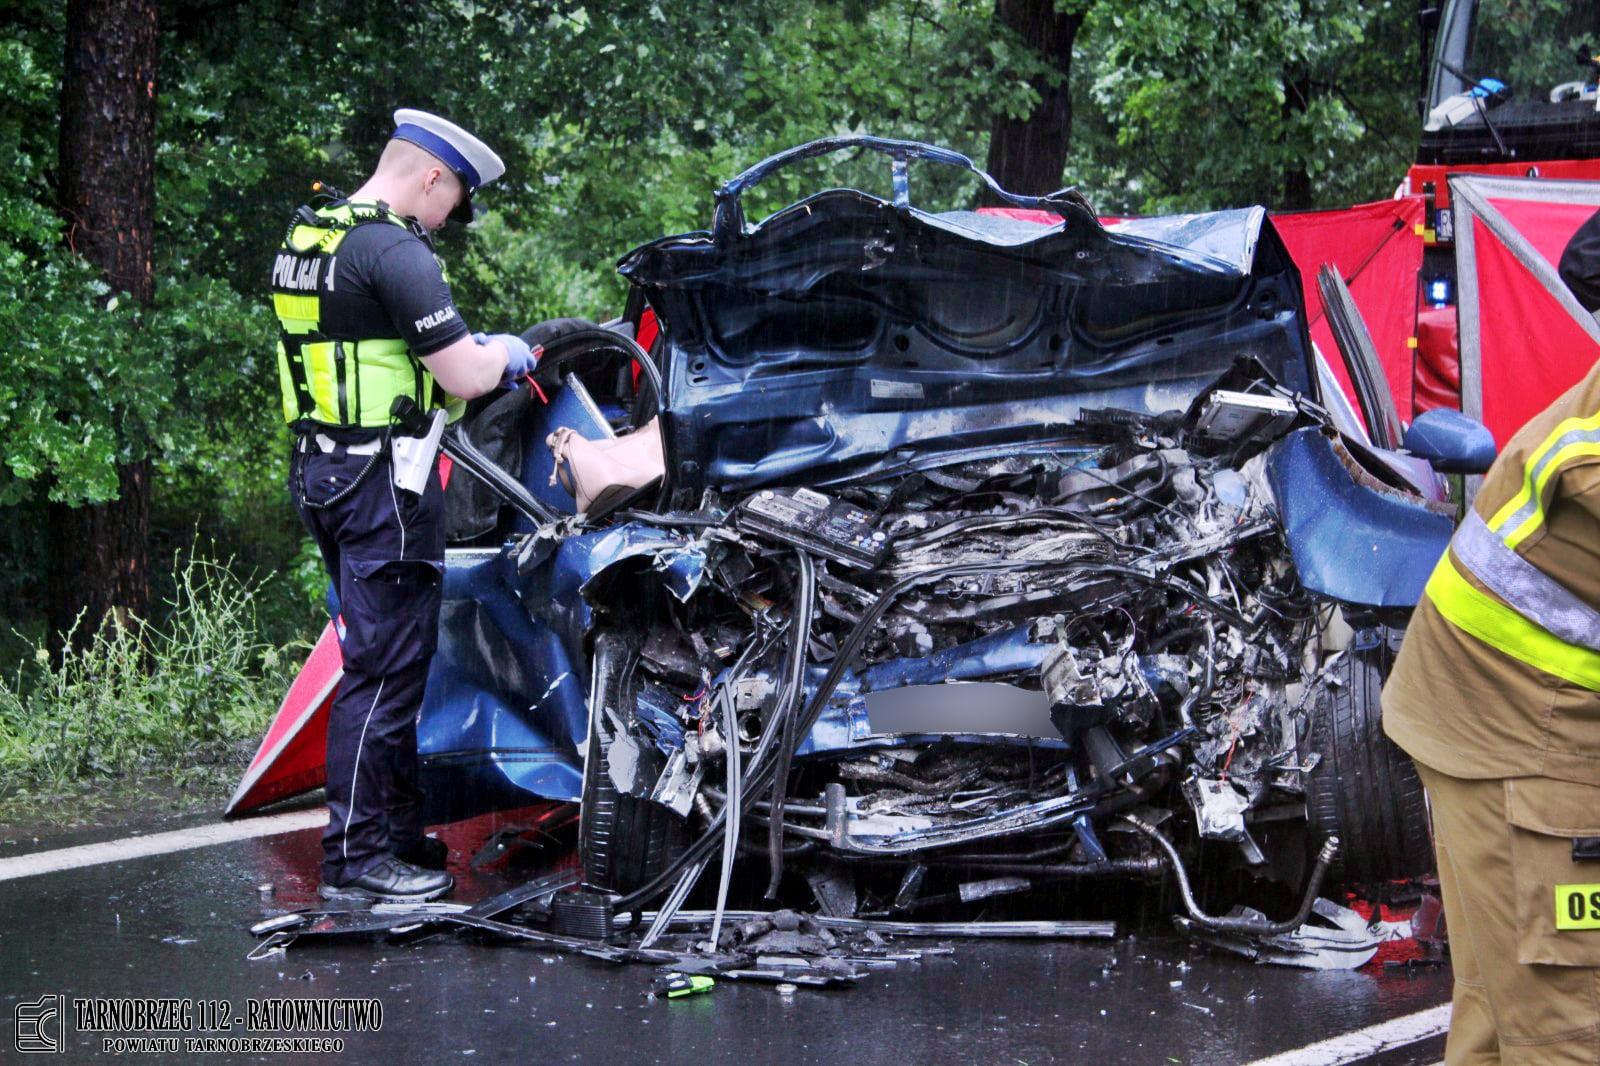 Podkarpacie: Sprawca wypadku pod Stalową Wolą tłumaczy, że nie spożywał alkoholu i jechał prawidłowo - Zdjęcie główne